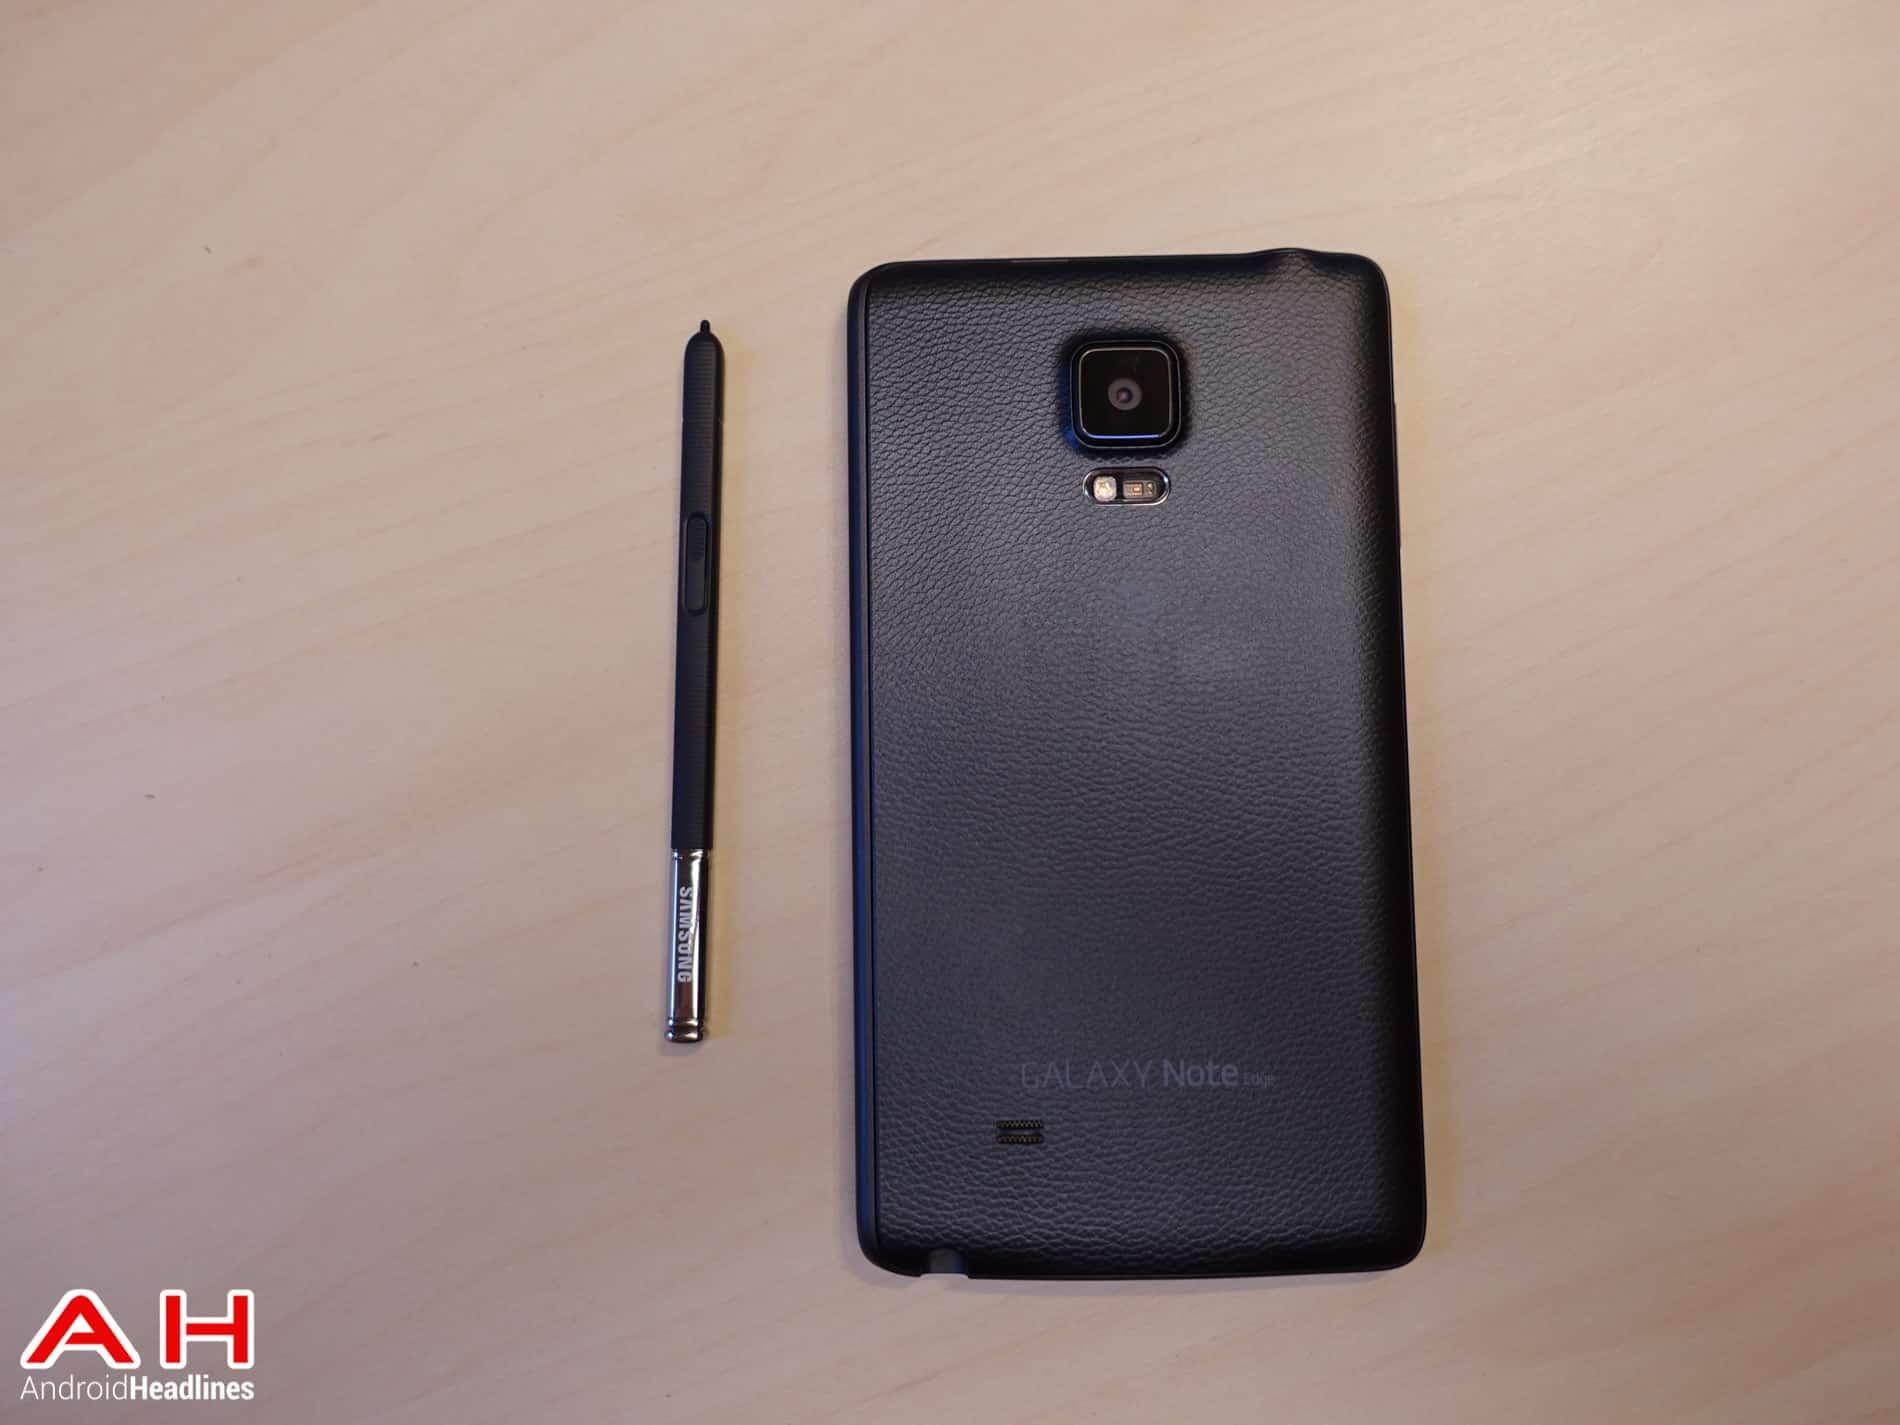 Samsung-Galaxy-Note-Edge-AH-14